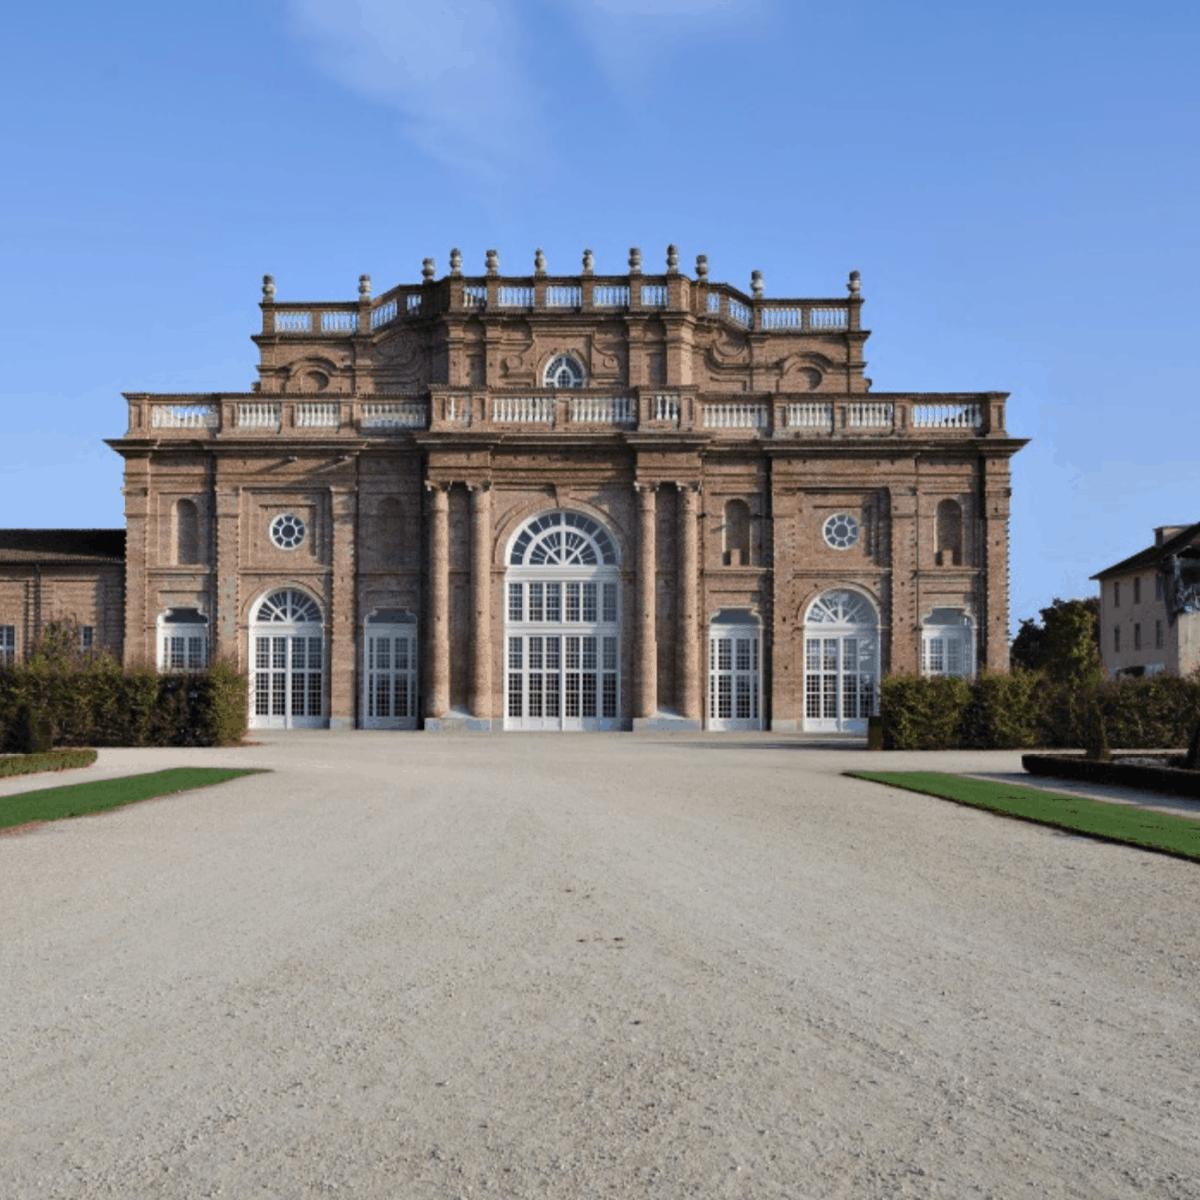 Mantenimento vincoli edilizi - Venaria Reale - Cobola